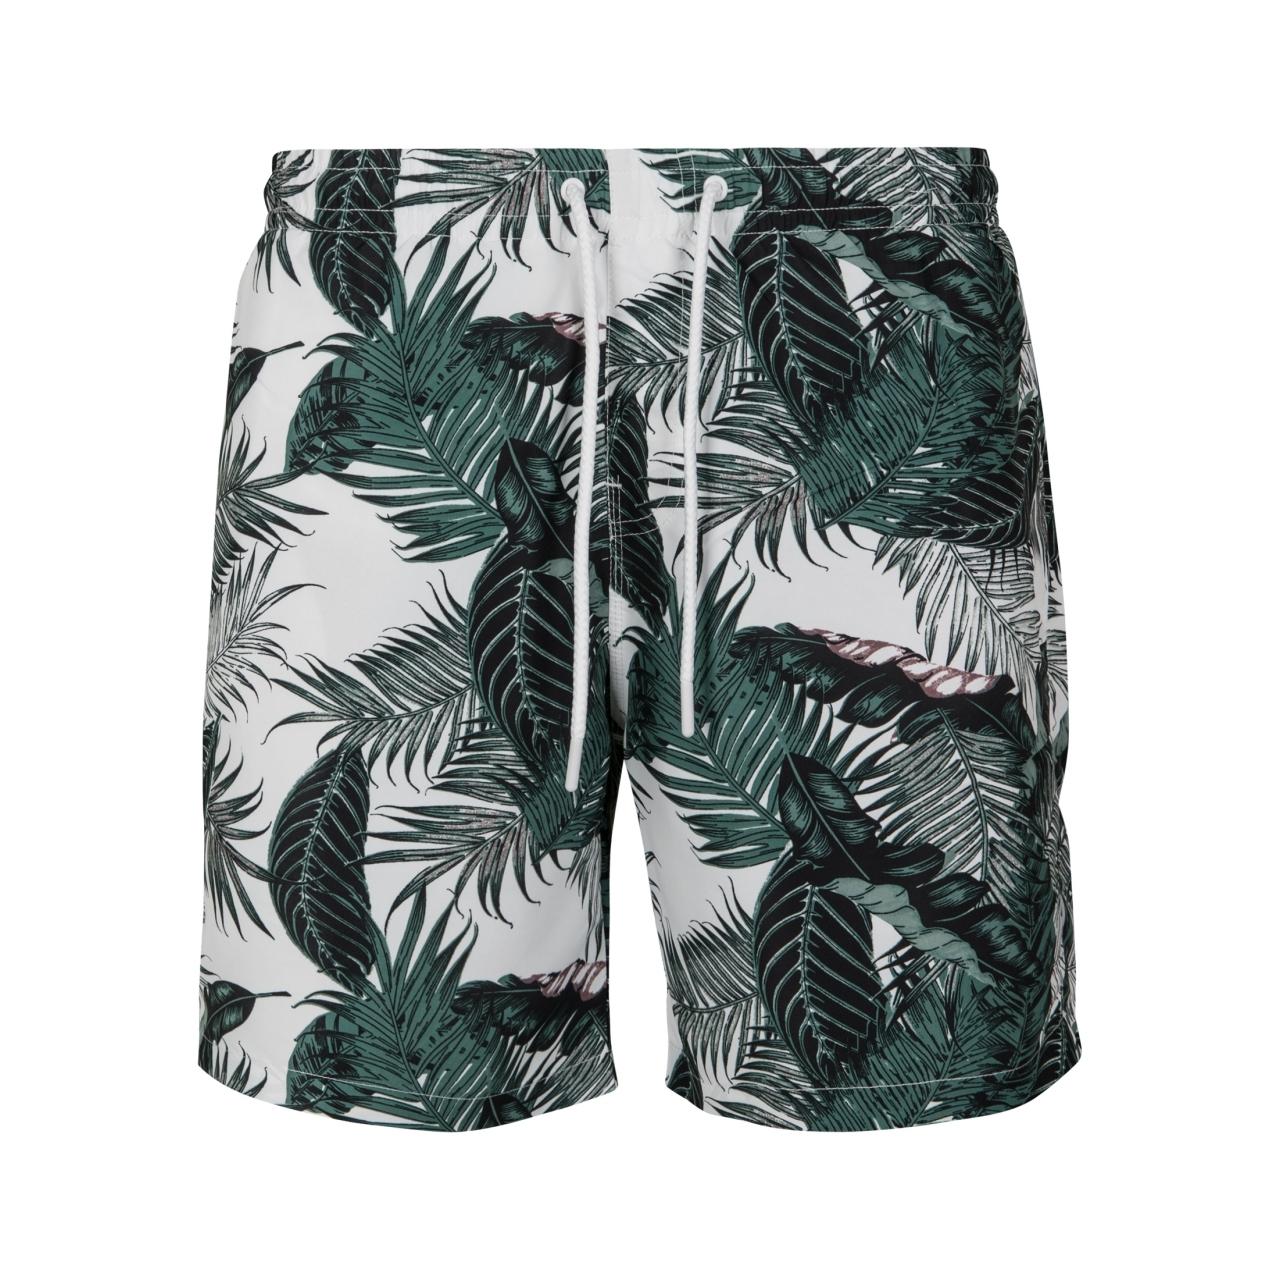 Plavky Urban Classics Pattern Palm Leaves - bílé-zelené, M